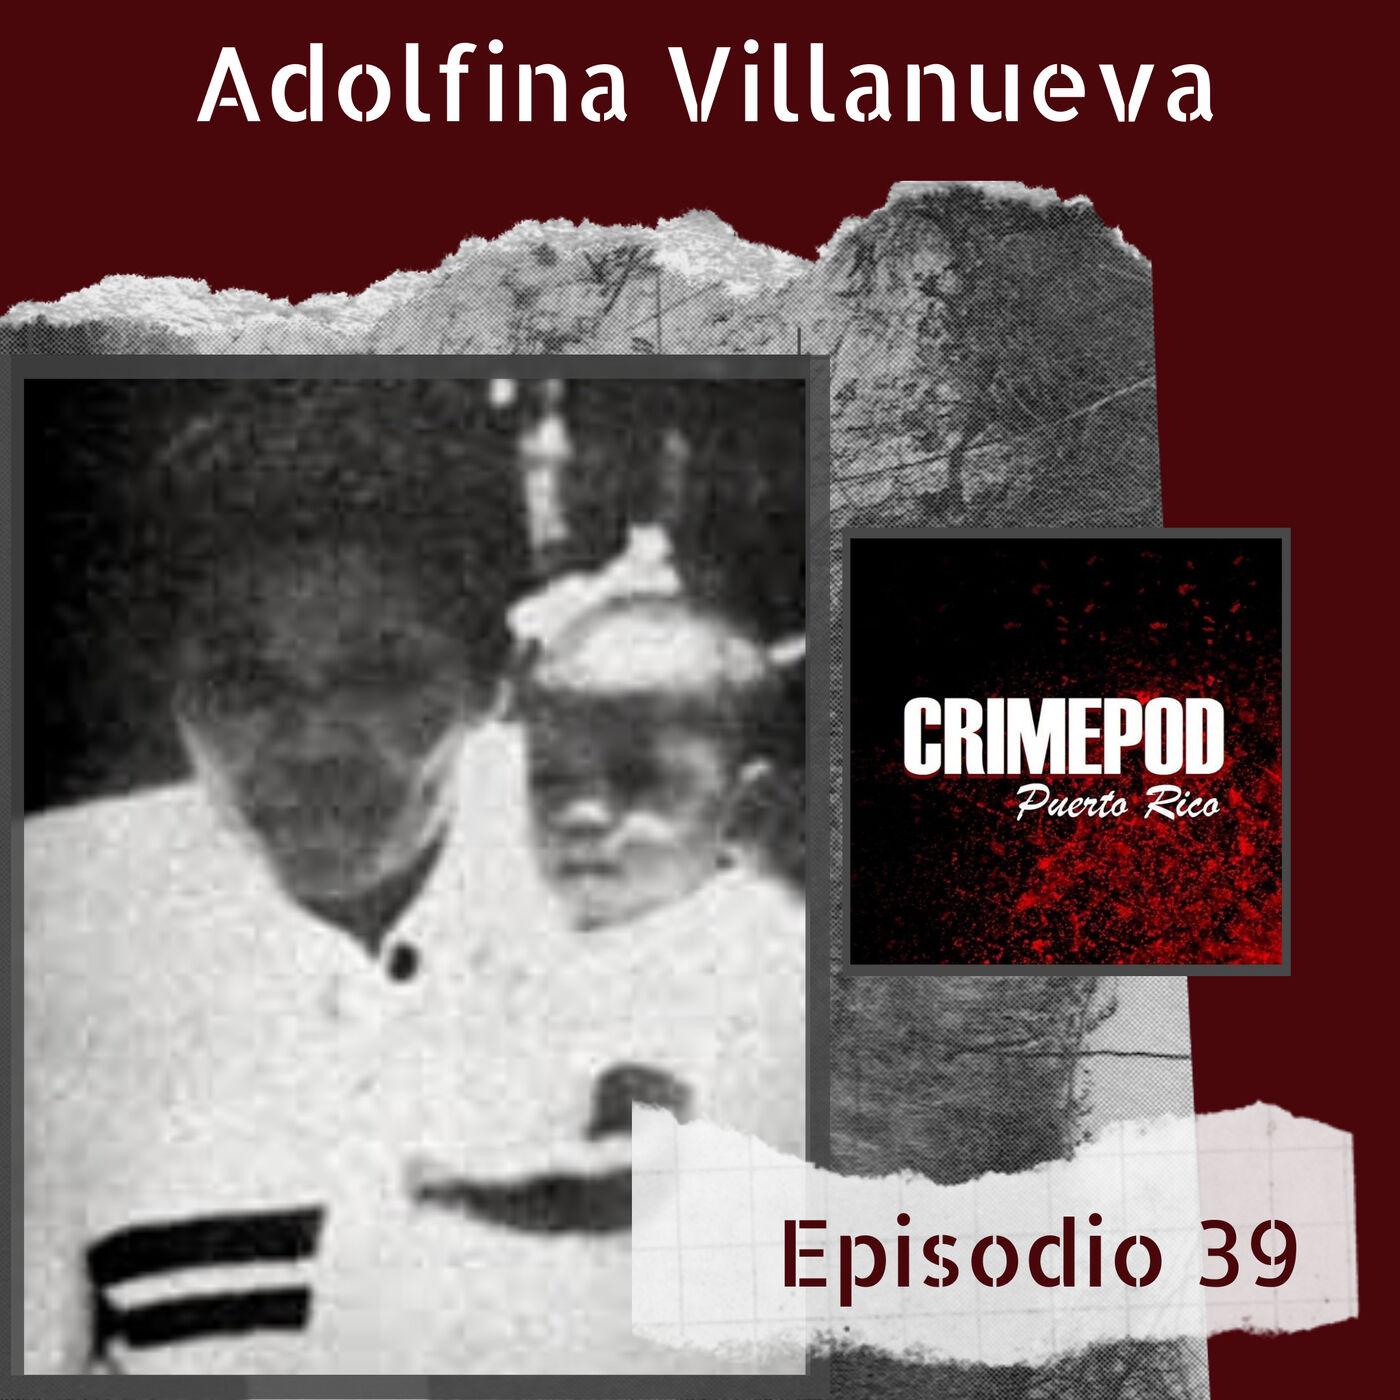 Adolfina Villanueva